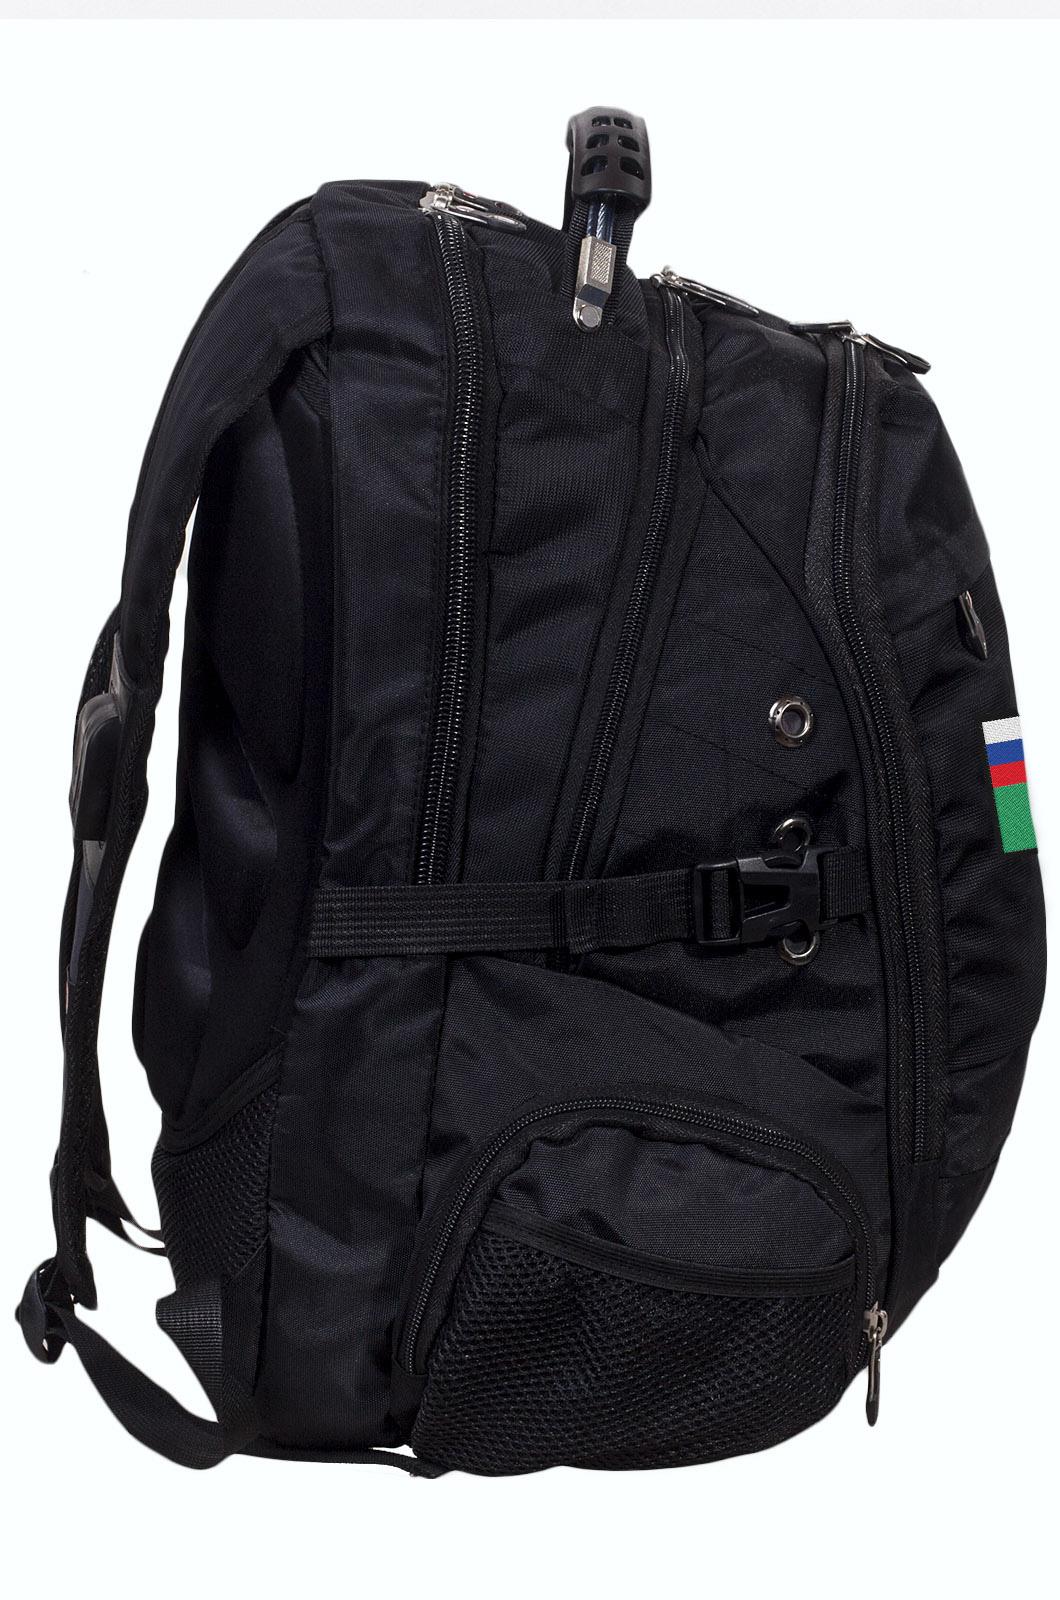 Заказать черный мужской рюкзак с нашивкой ФССП